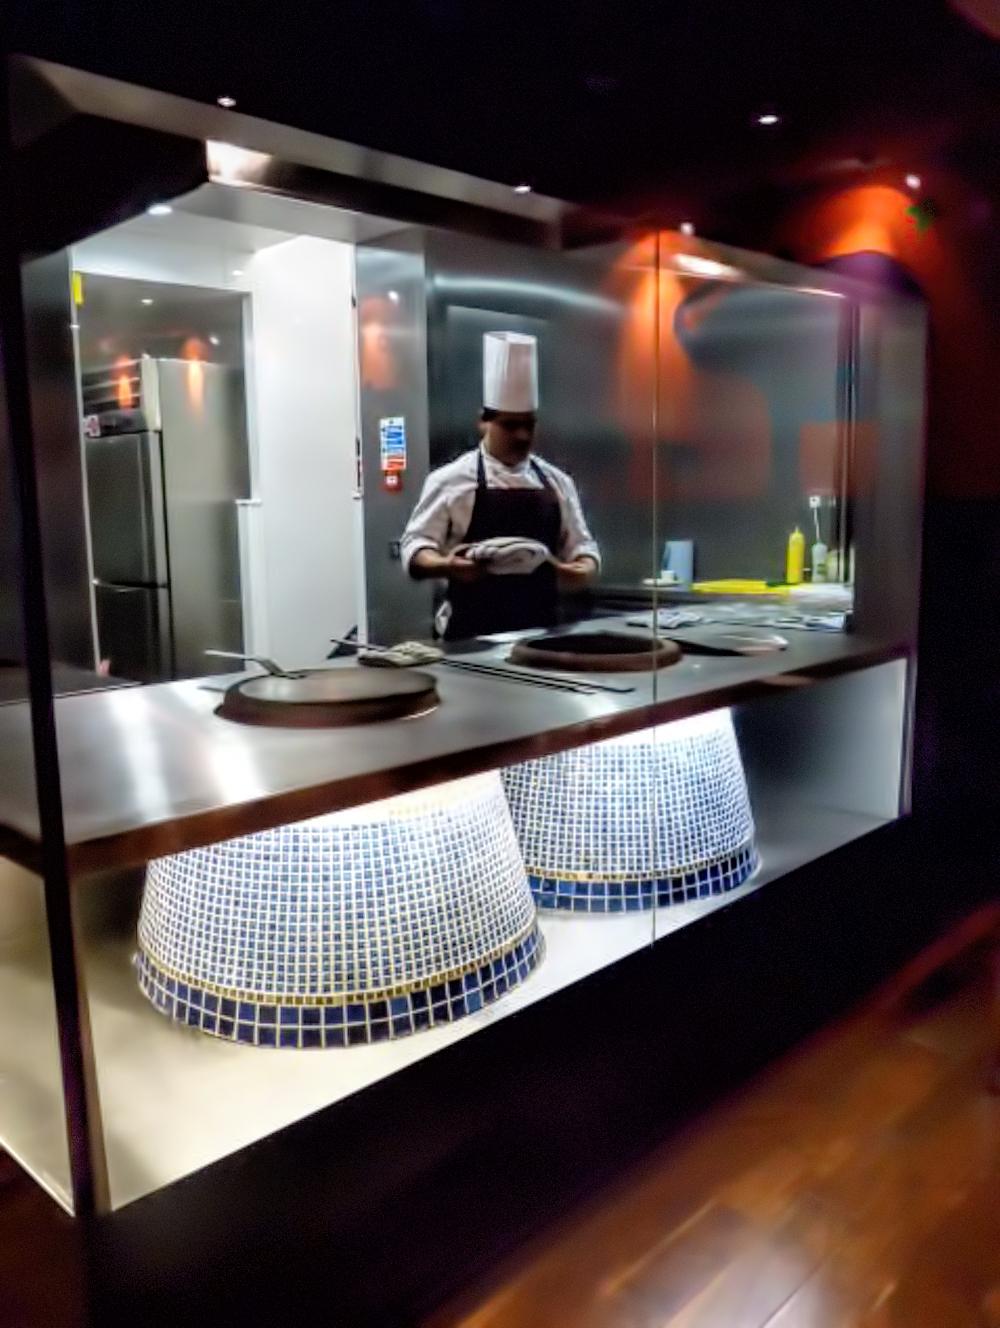 fotos-parrilla-barbacoa-proyectos-obras-aceroinnova-cocinas-hosteleria-restauracion-instalaciones-montaje-20